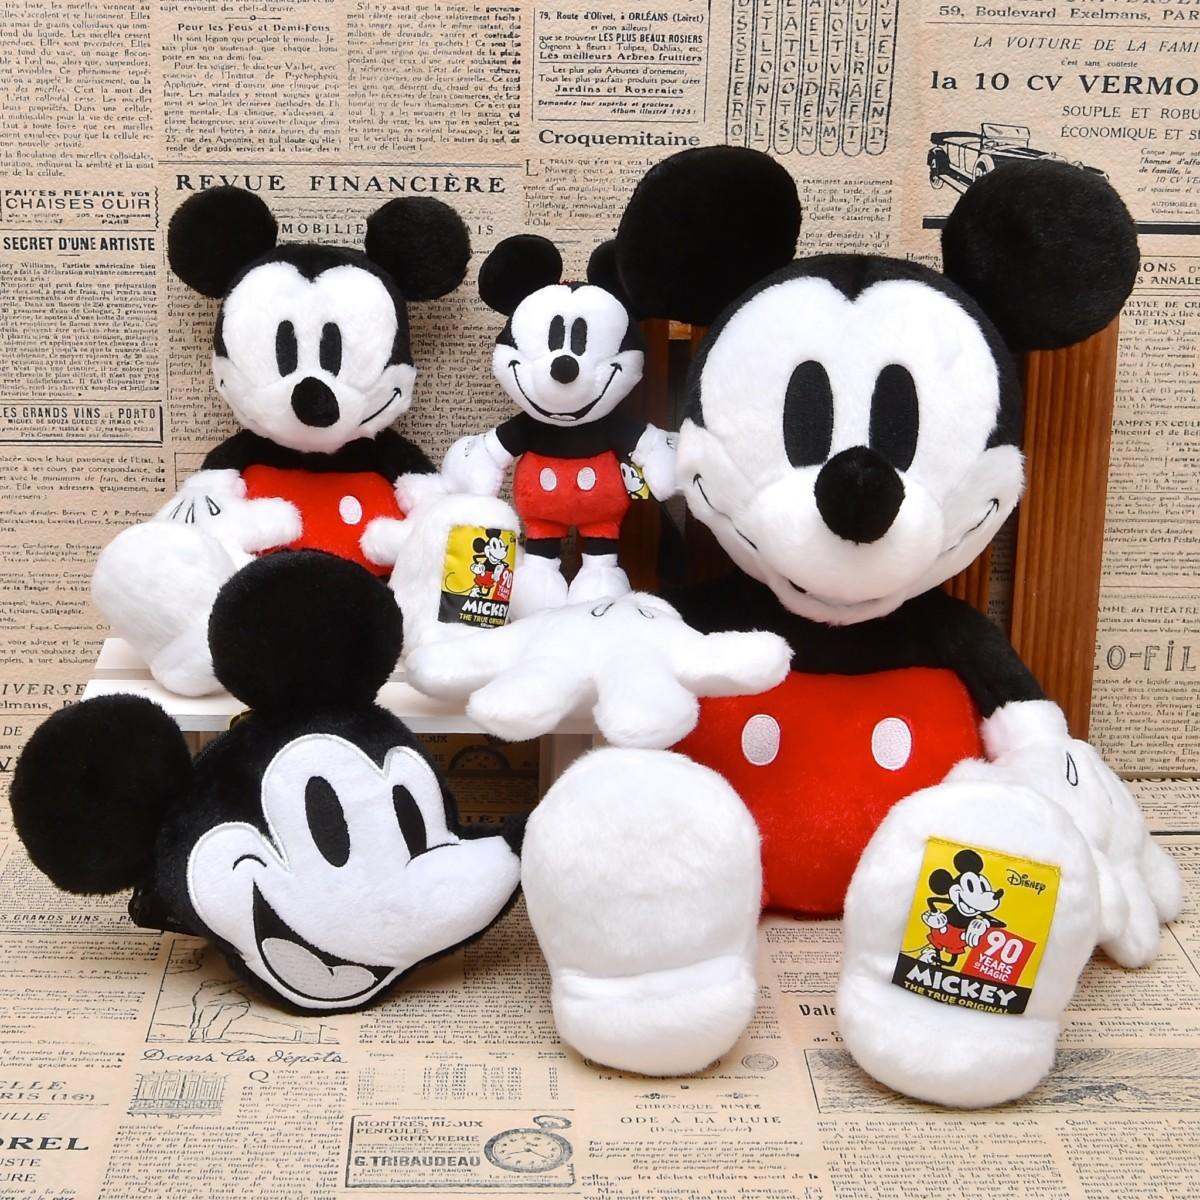 タカラトミーアーツ ディズニーデザイン「ミッキーマウス90周年デザイン グッズ」